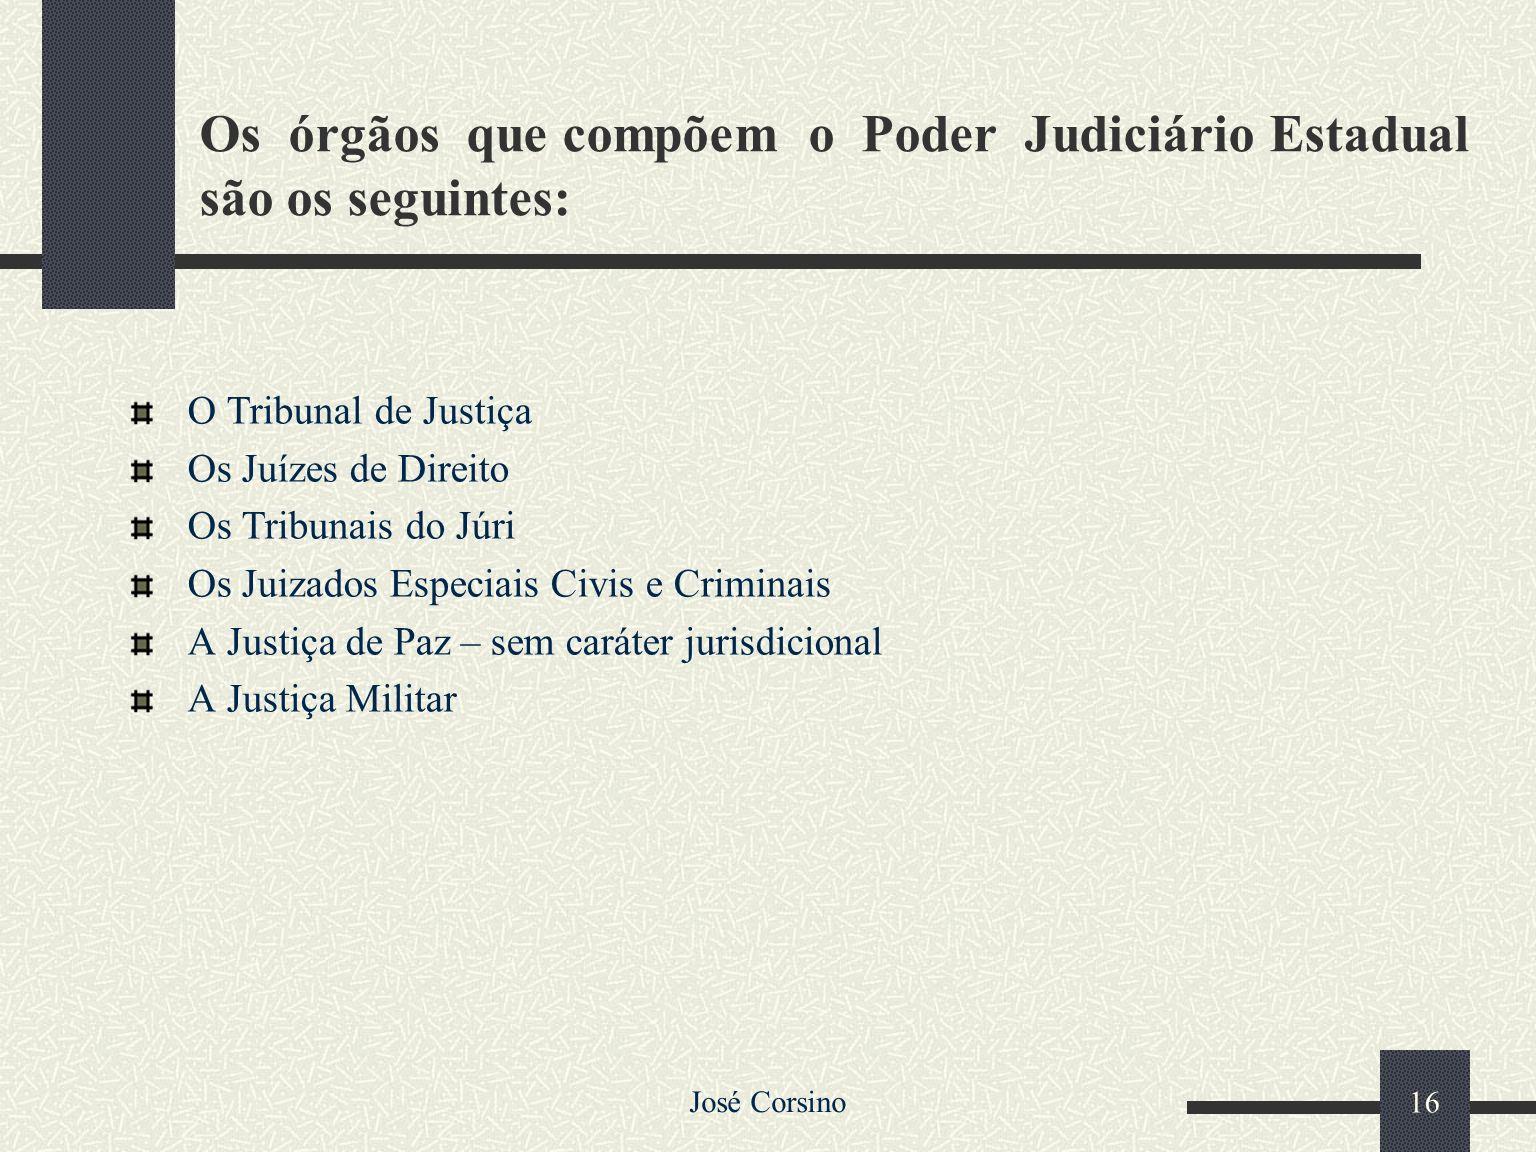 Os órgãos que compõem o Poder Judiciário Estadual são os seguintes: